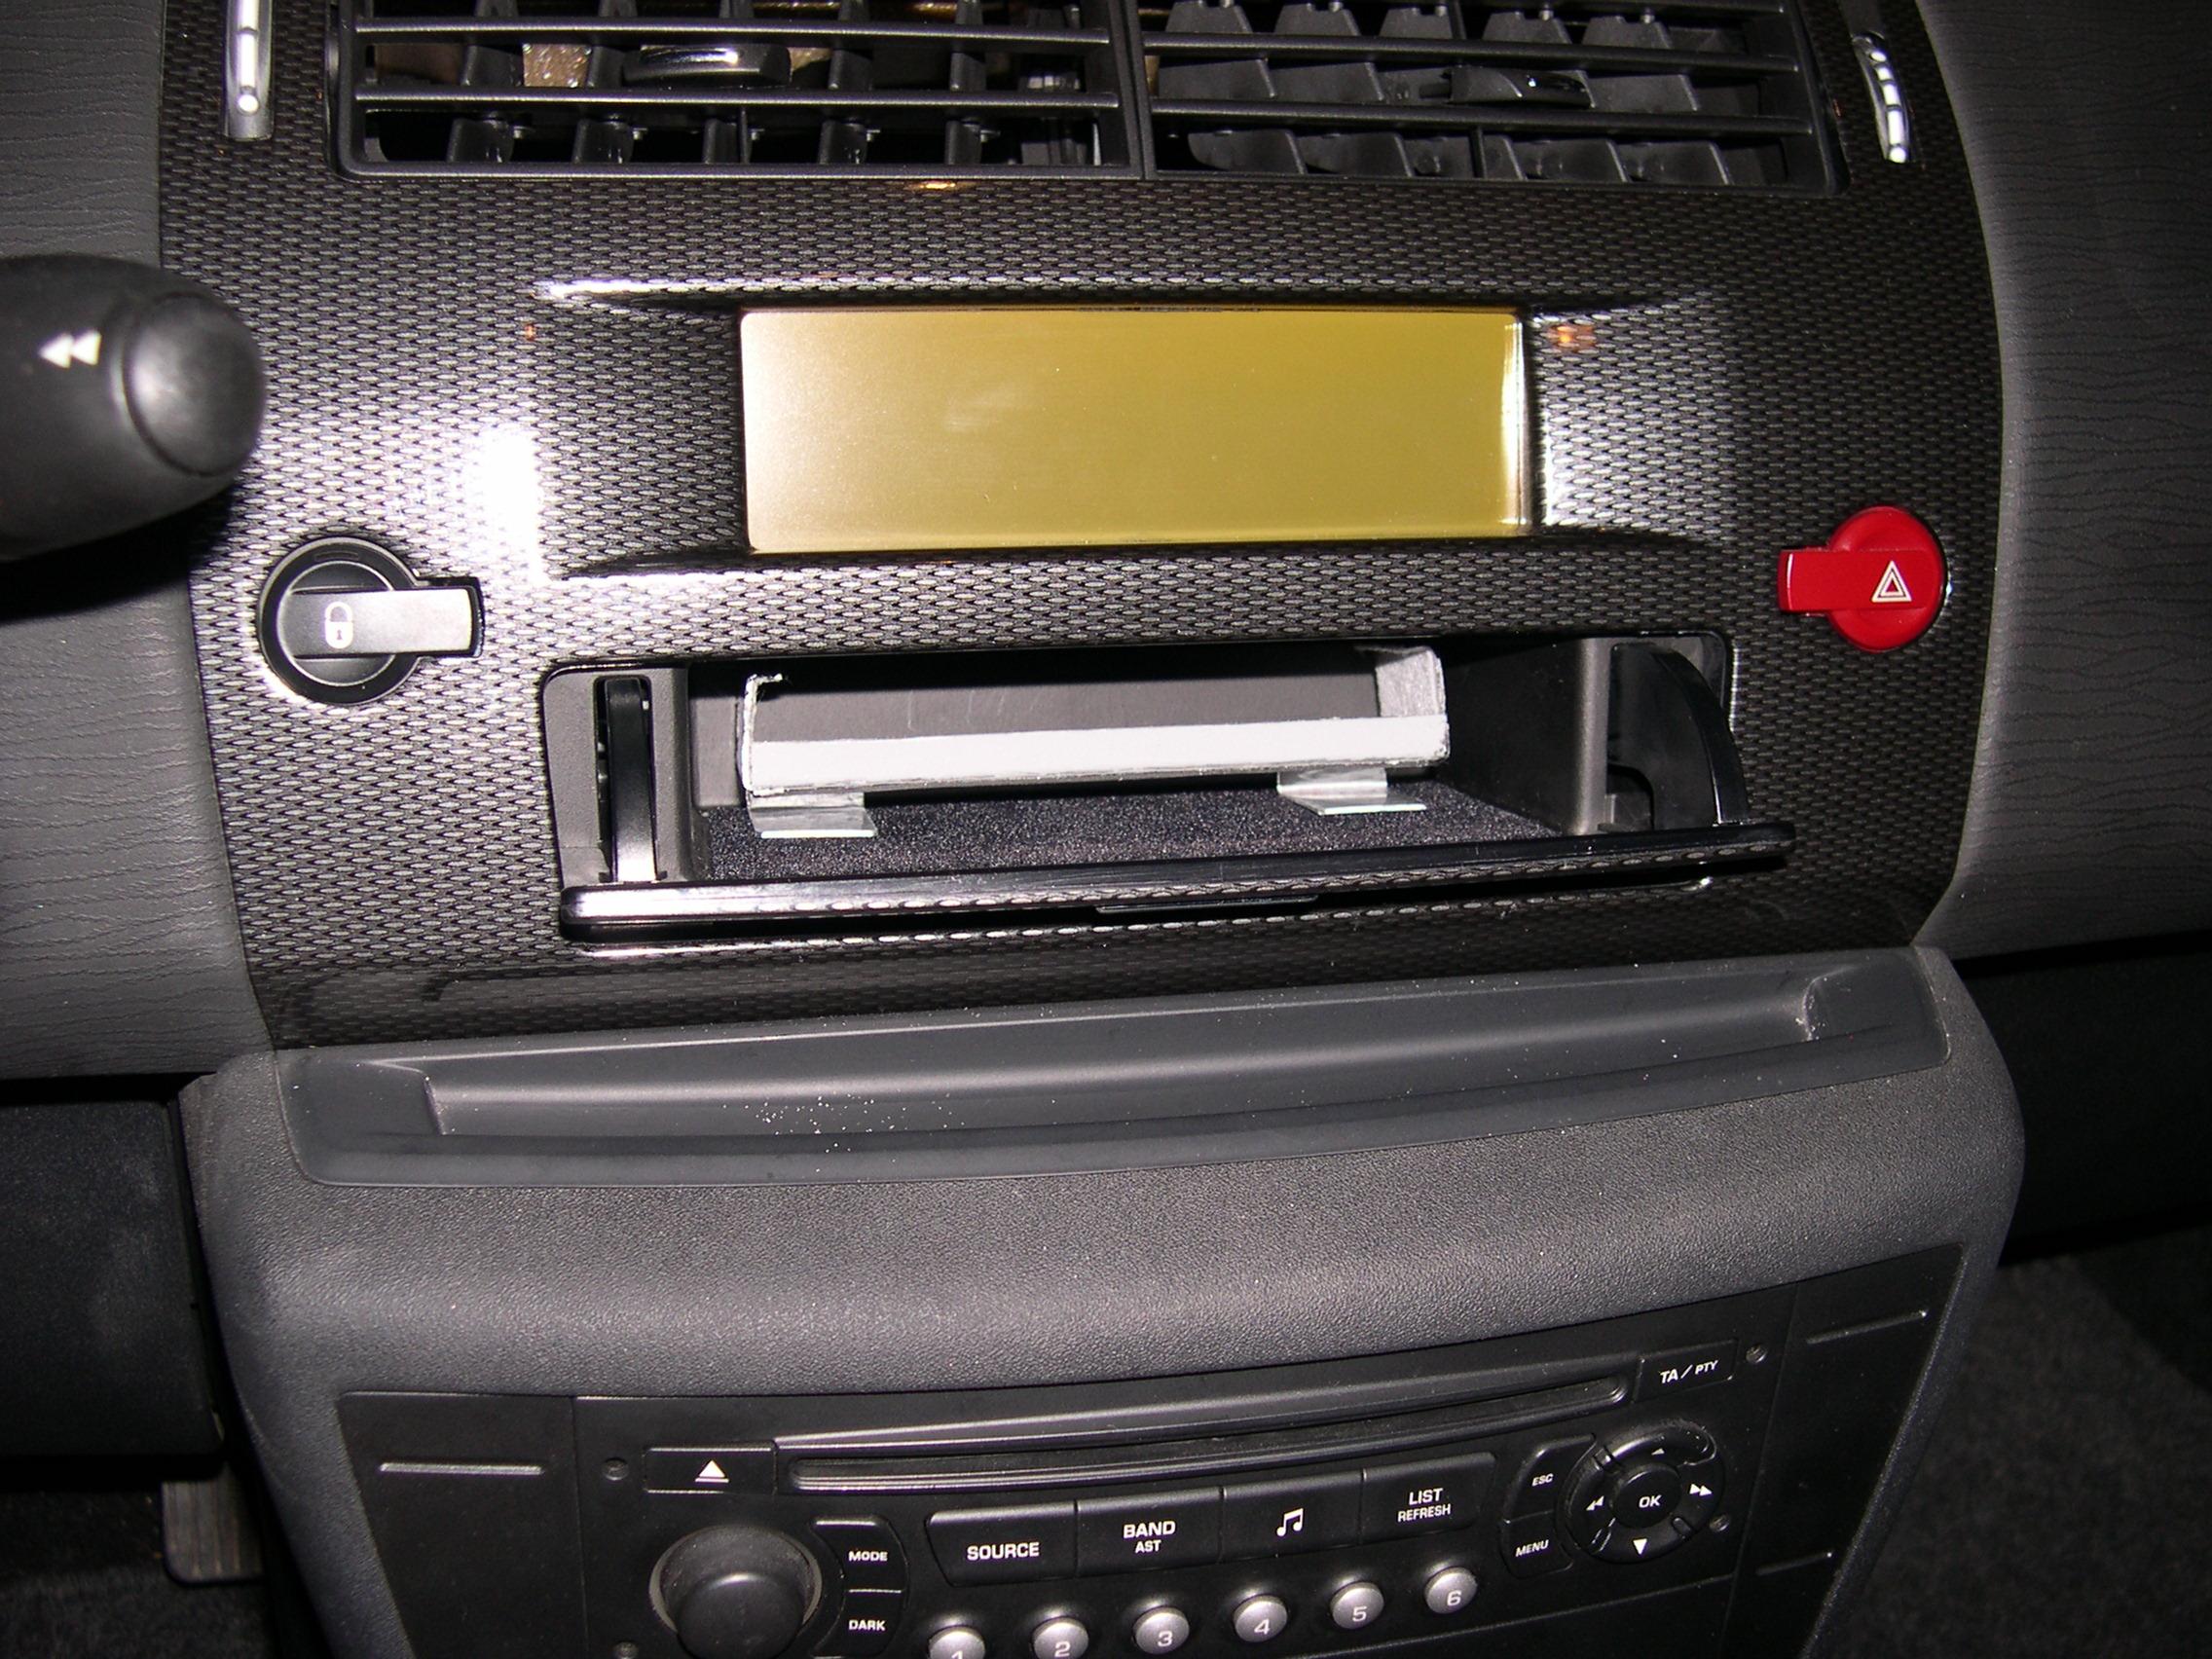 En el coche en pleno dia - 3 8